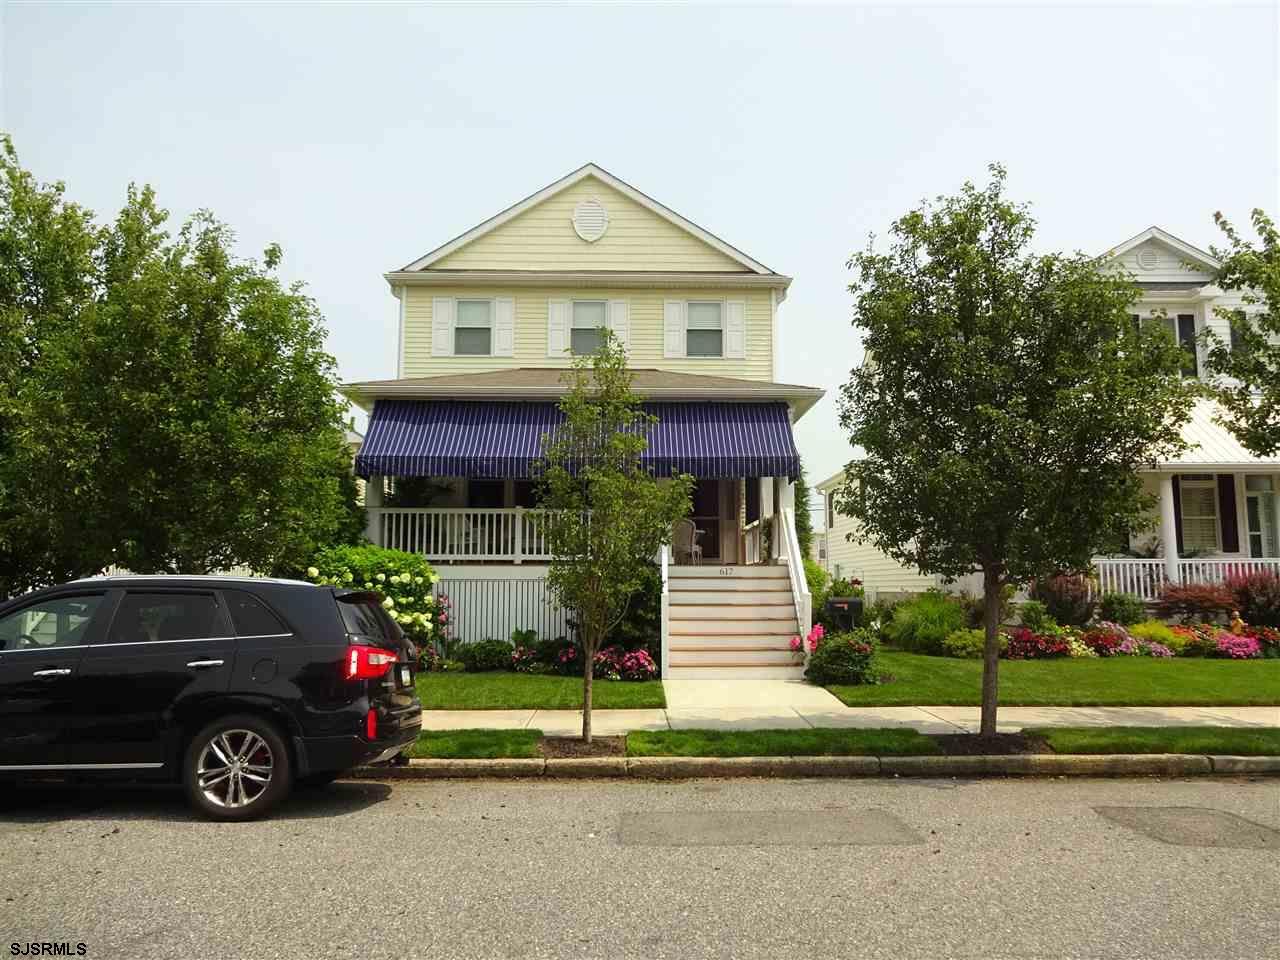 617 Simpson Ave, Ocean City, NJ 08226